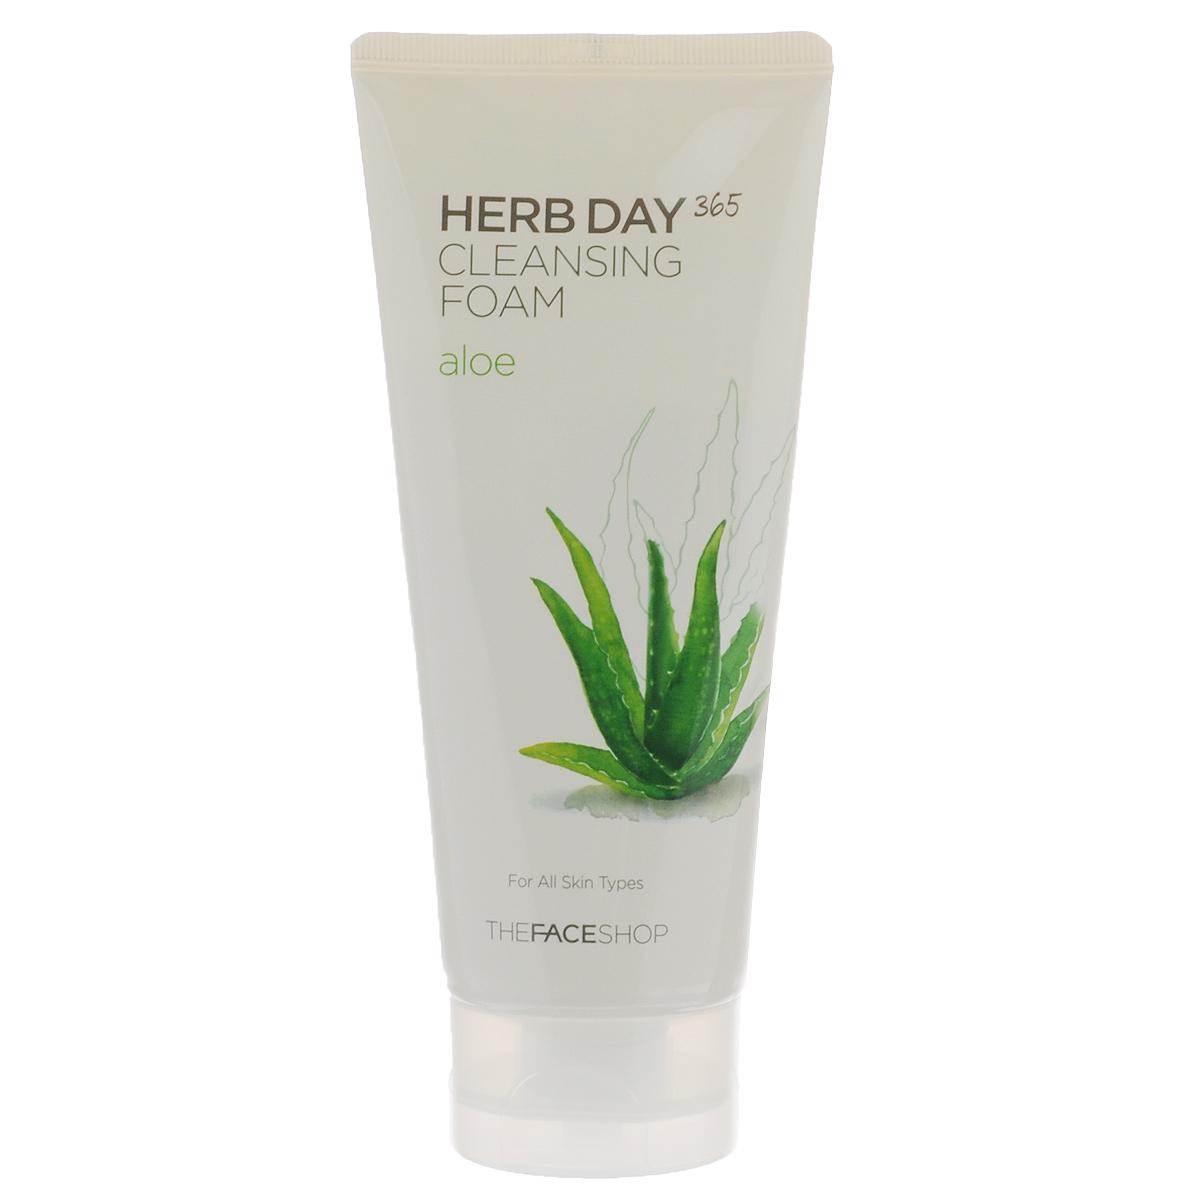 The Face Shop Пенка для умывания Herb Day 365, очищающая, с экстрактом алое, для всех типов кожи, 170 млFS-00897Пенка для умывания Herb Day 365 содержит экстракт алоэ вера и комплекс экстрактов лекарственных трав. Мягко очищает кожу лица, мягко удаляет мертвые клетки и загрязнения пор. Эффективно успокаивает, обладает осветляющим эффектом и увлажняет кожу лица. Экстракт алоэ вера содержит огромное количество биологически активных веществ, из которых наиболее важными для кожи являются: каротин, витамины С и Е, защищающие кожу от повреждающего действия свободных радикалов и преждевременного старения; комплекс полисахаров с высокой влагоудерживающей и иммуностимулирующей способностью; салициловая кислота, эфирные масла и стерины, оказывающие антибактериальное и противовоспалительное действие.Товар сертифицирован.